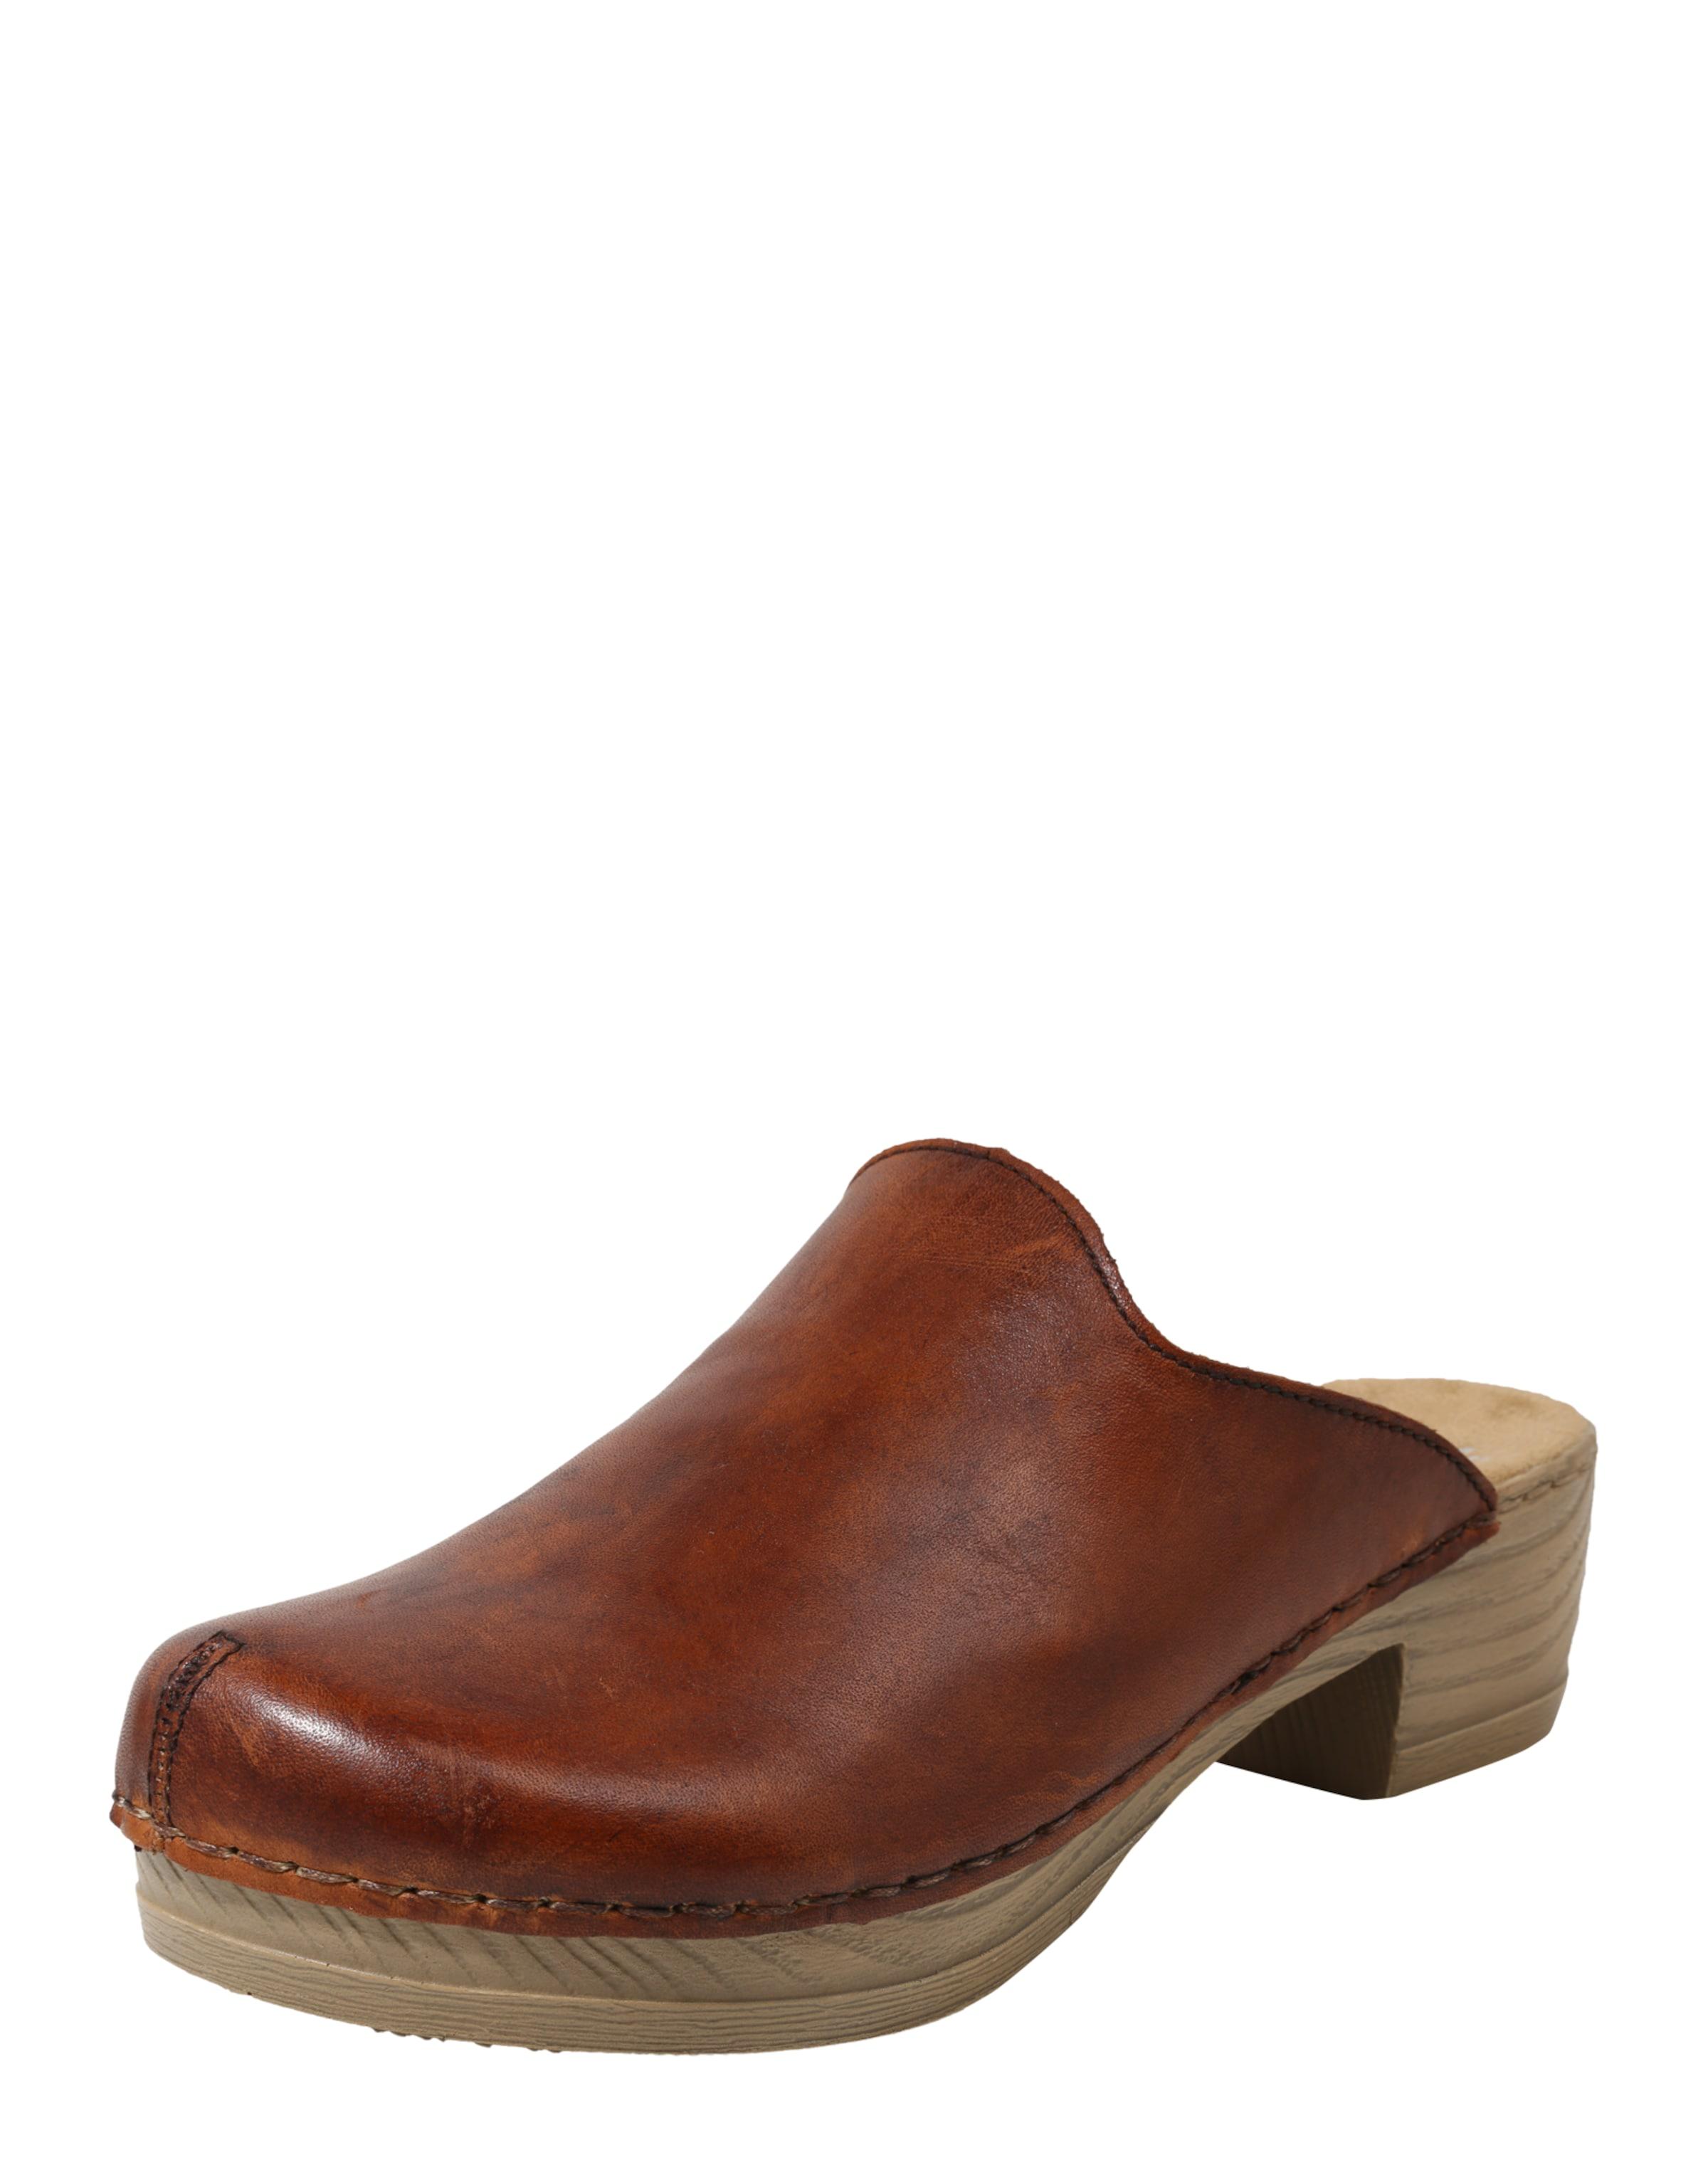 RIEKER Clog aus Leder Verschleißfeste billige Schuhe